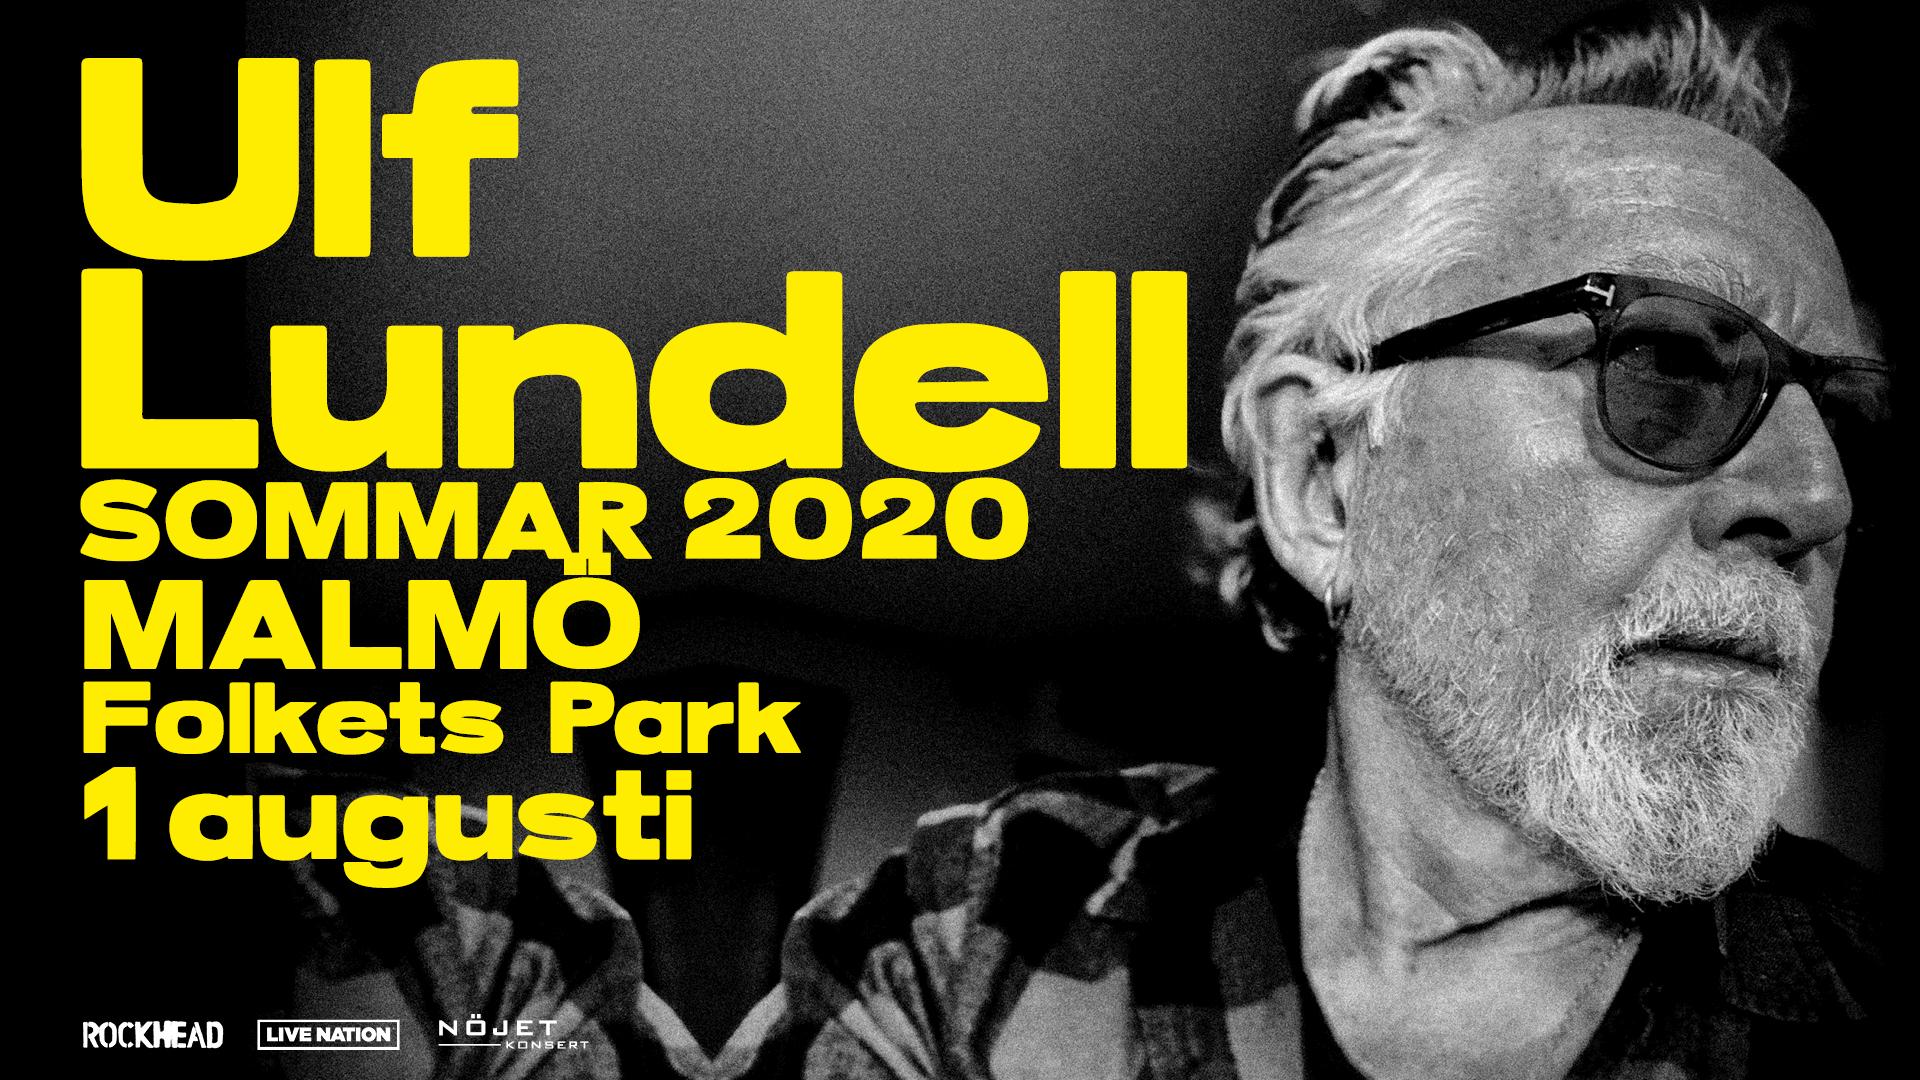 Bild på Ulf Lundell i svartvitt, text med namn och datum för konsert i Malmö i gult.